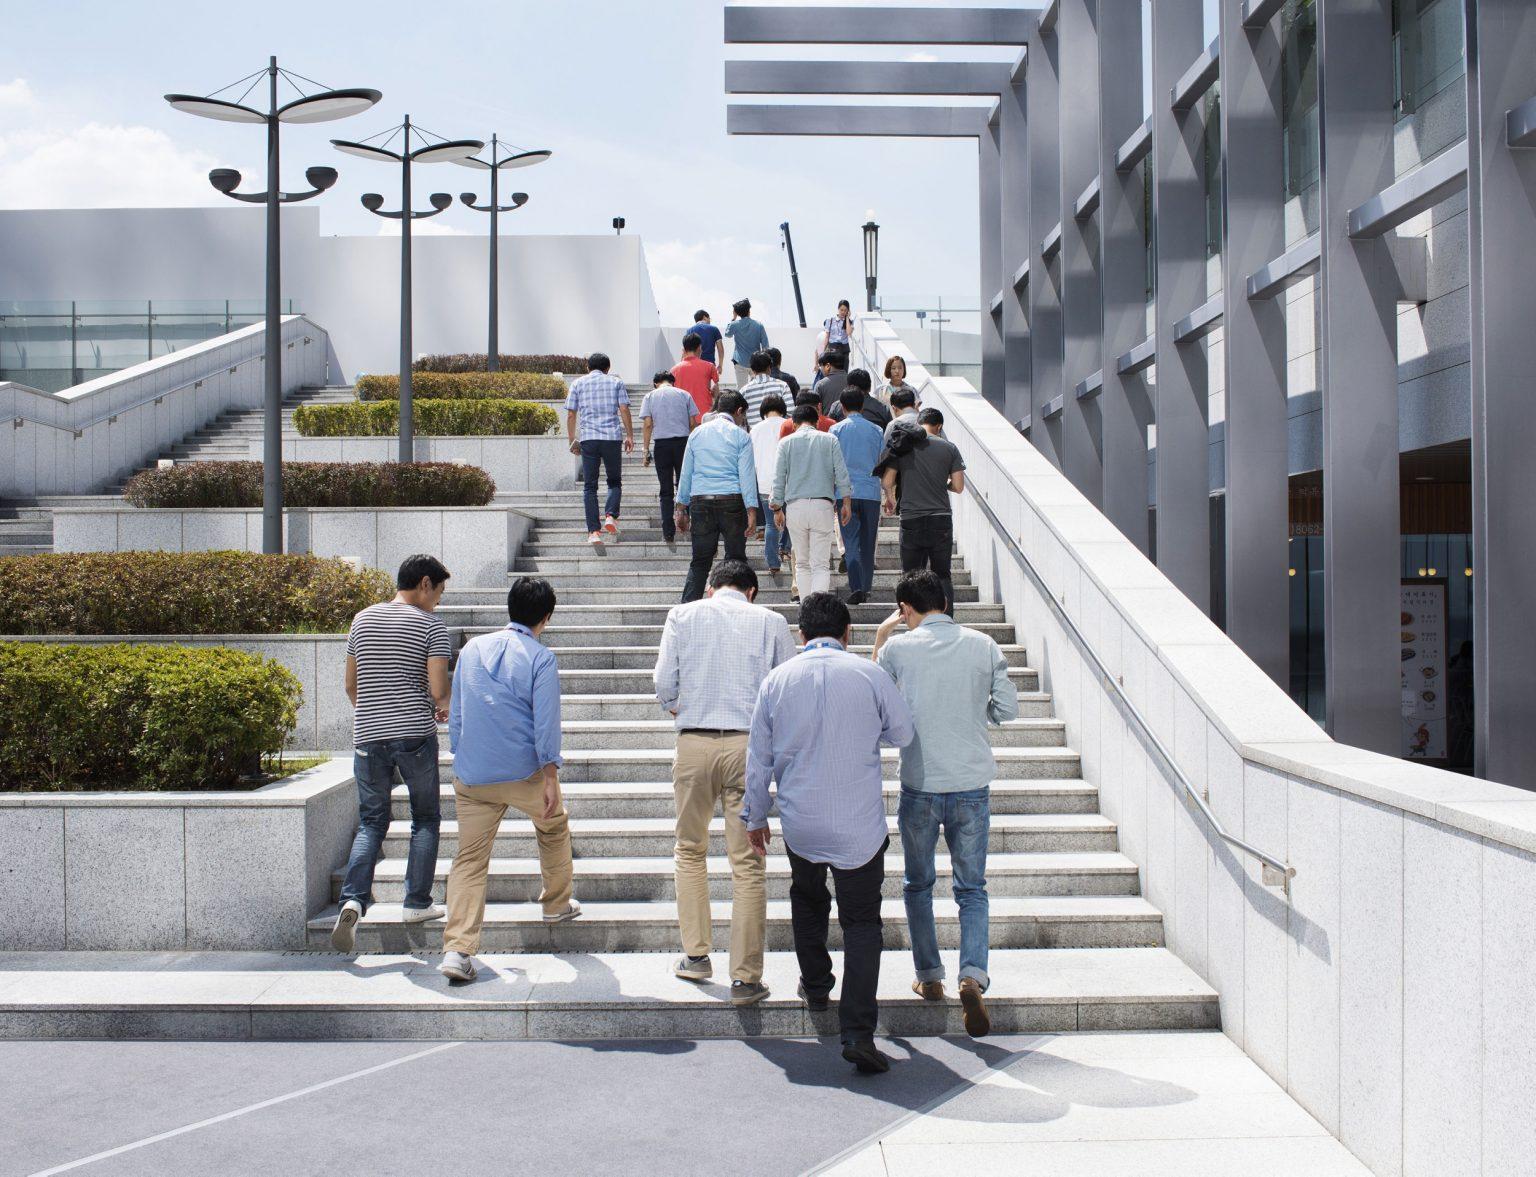 internet-addictions-in-south-korea-dipendenze-da-internet-in-corea-del-sud-2